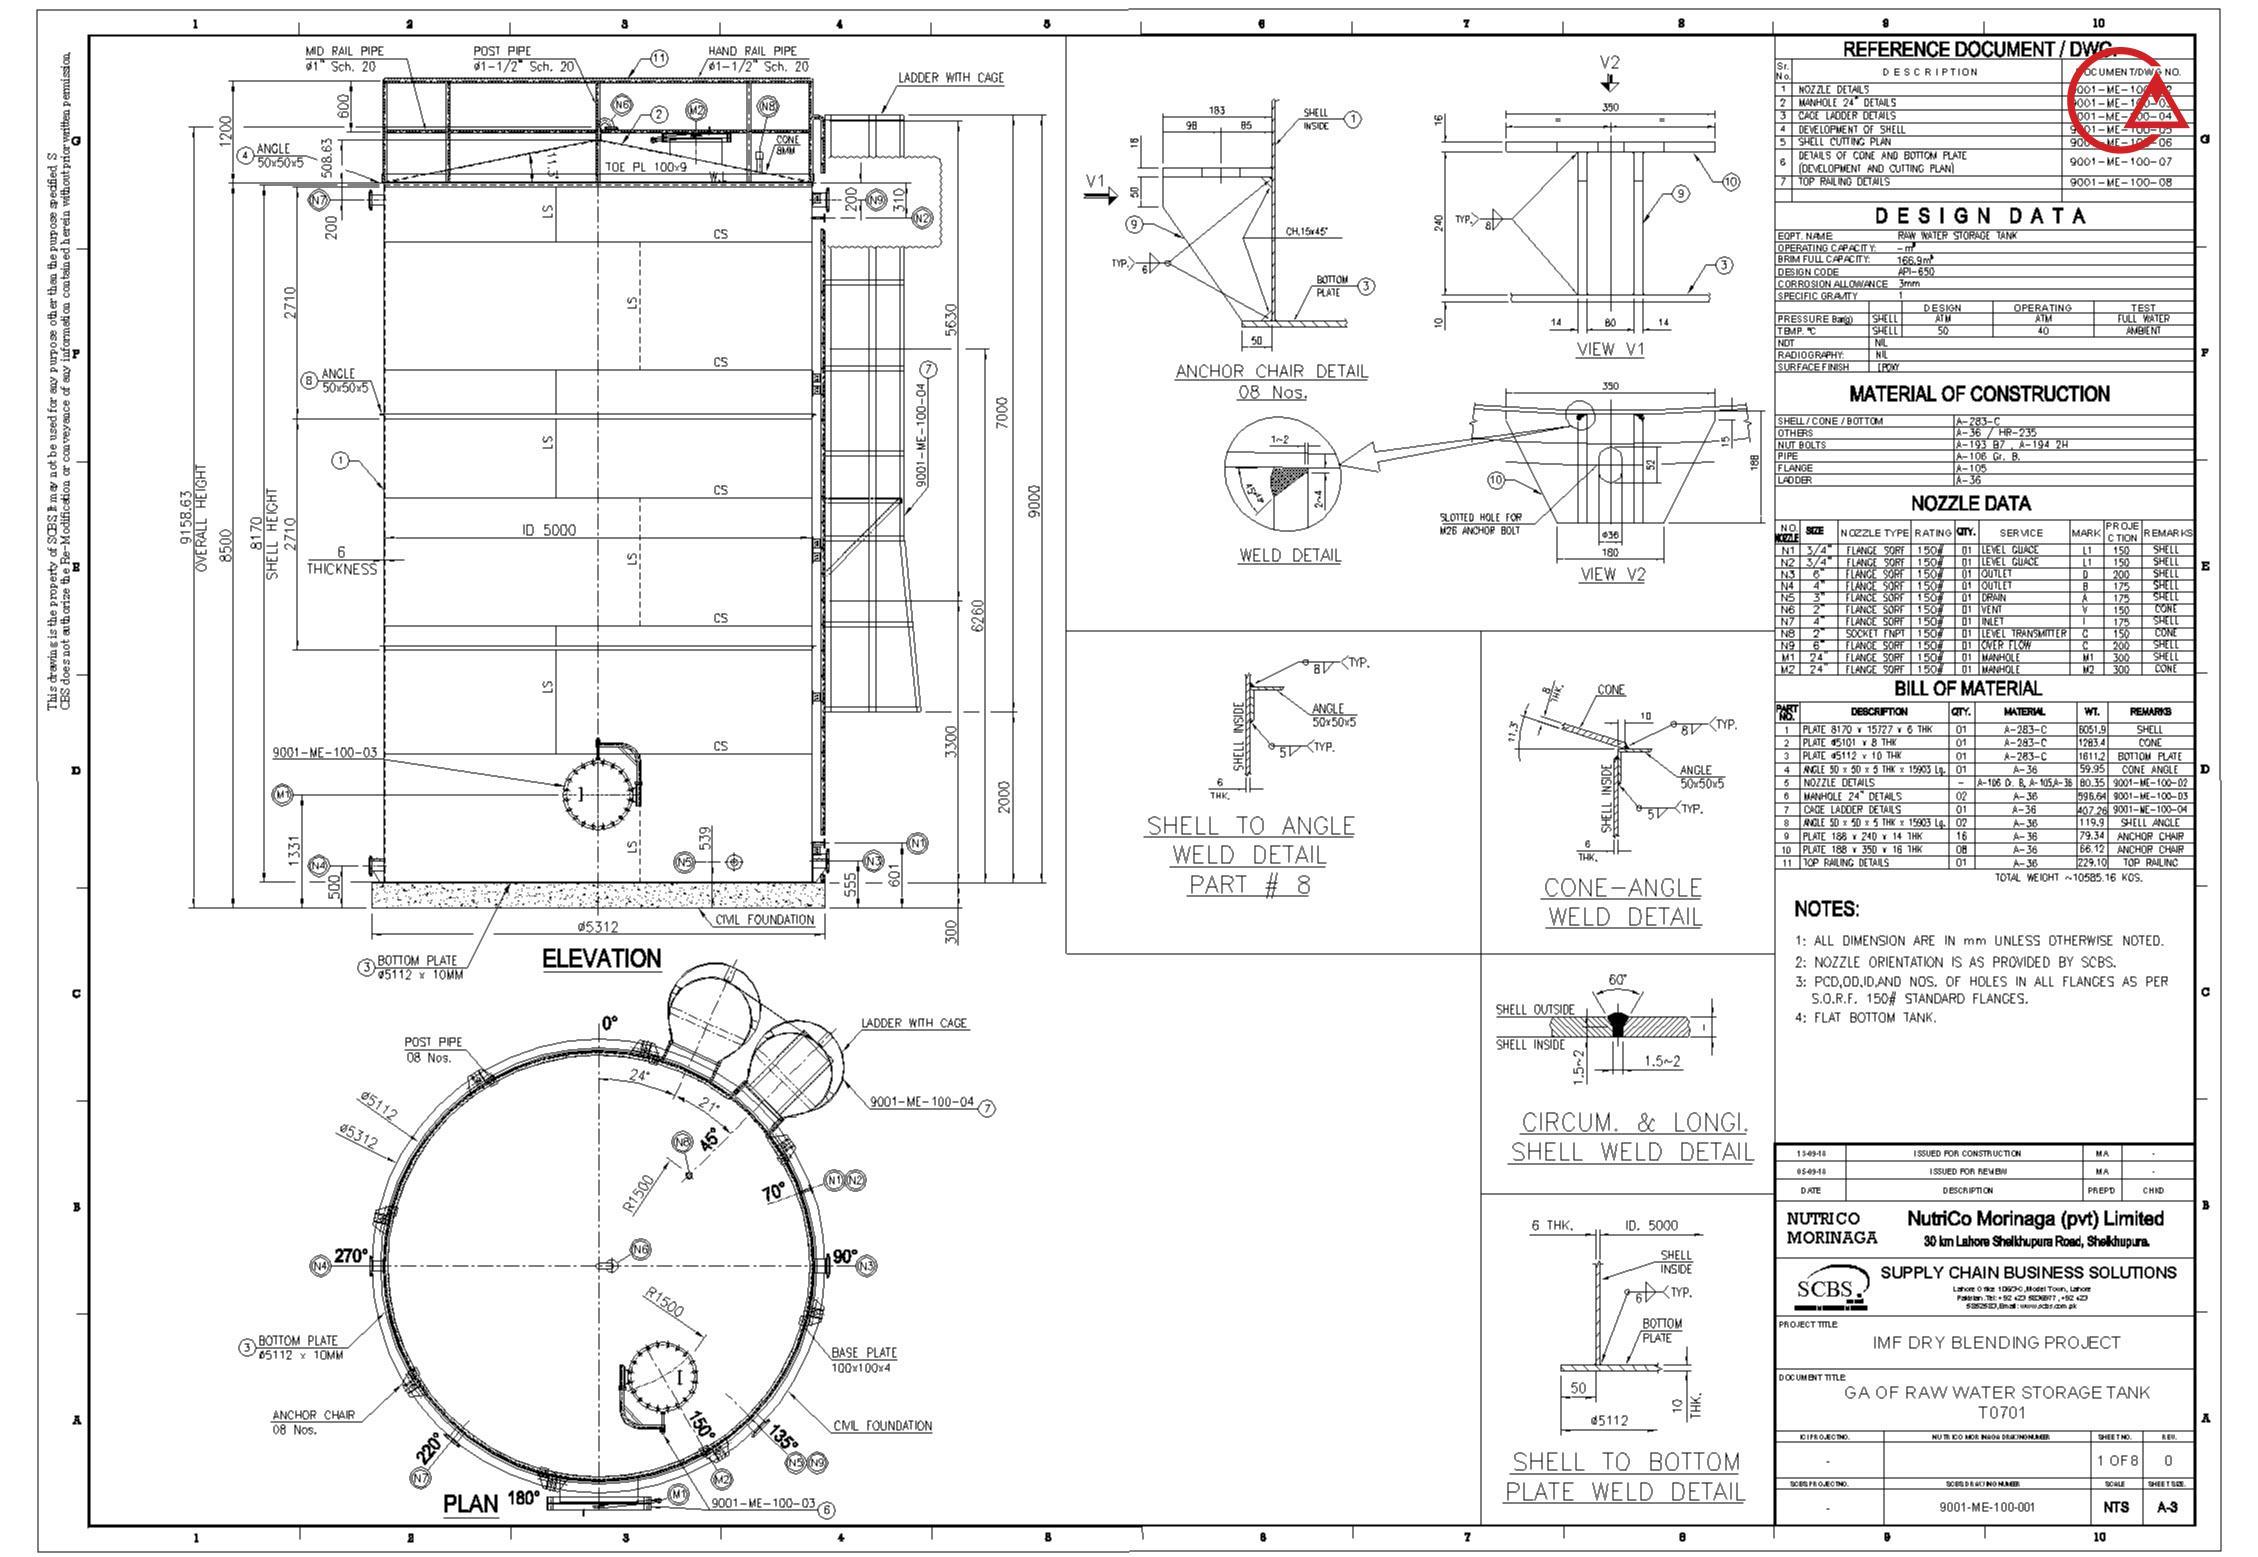 نمونه نقشه کارگاهی مخزن تحت فشار